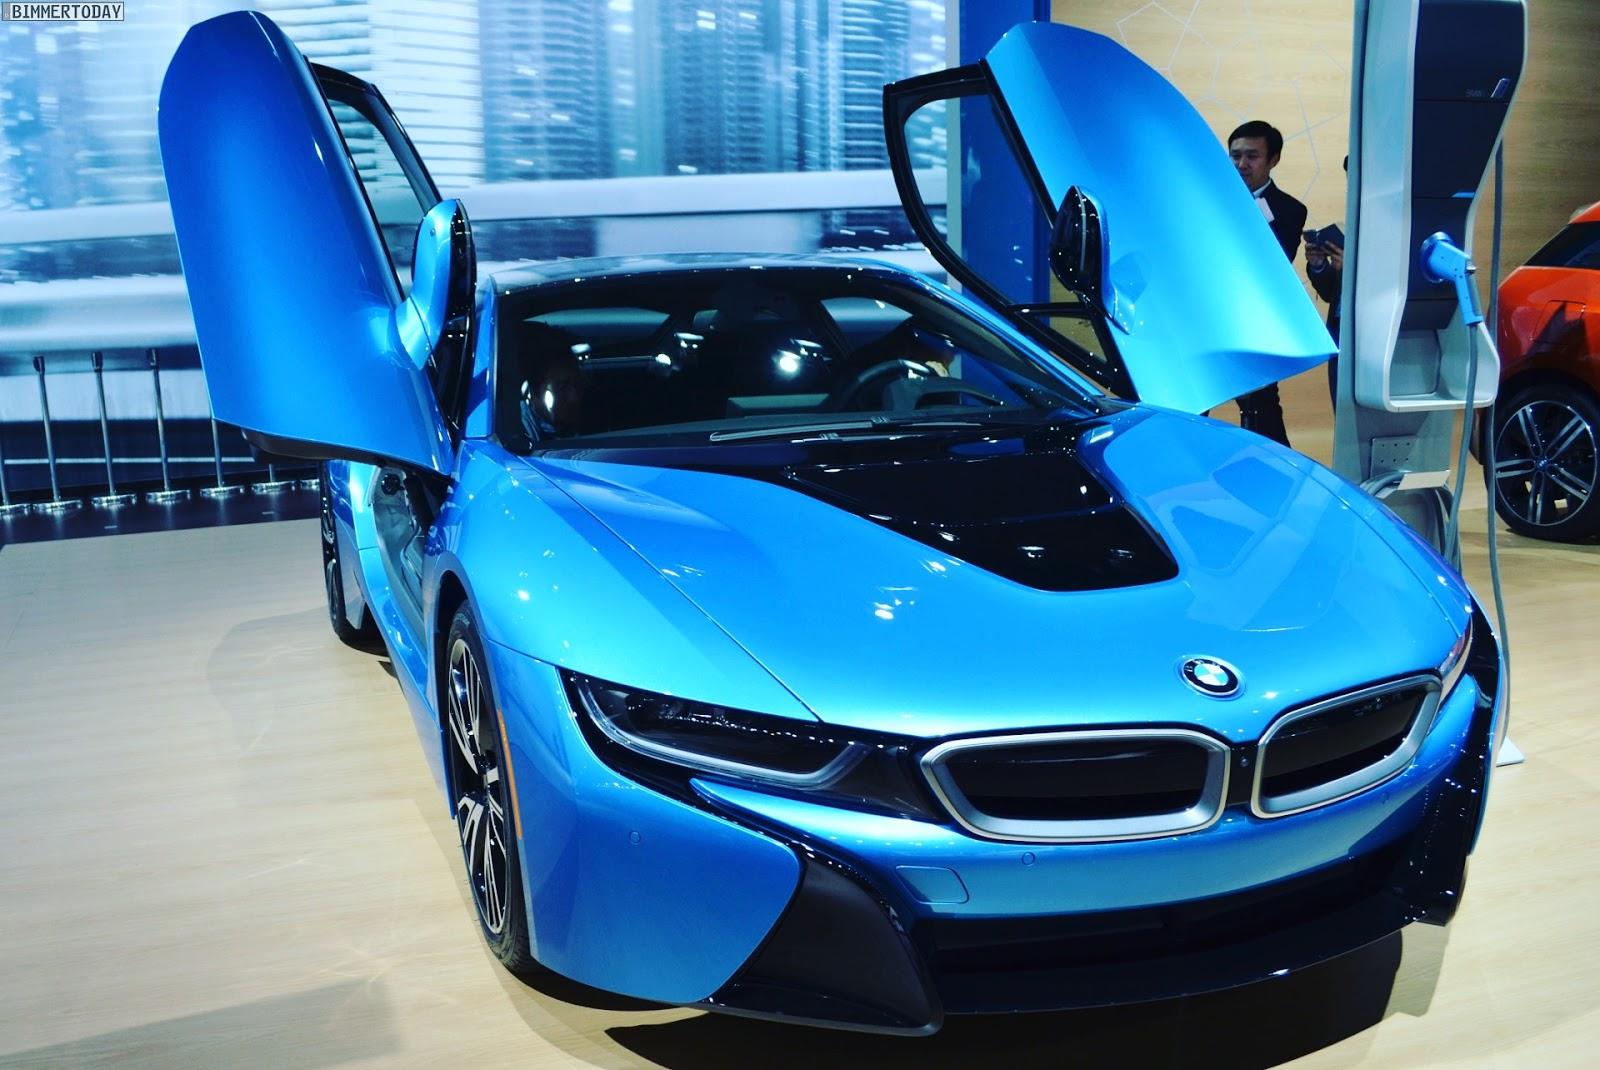 Unveiling The Chrome Blue Bmw I8 Electric Car